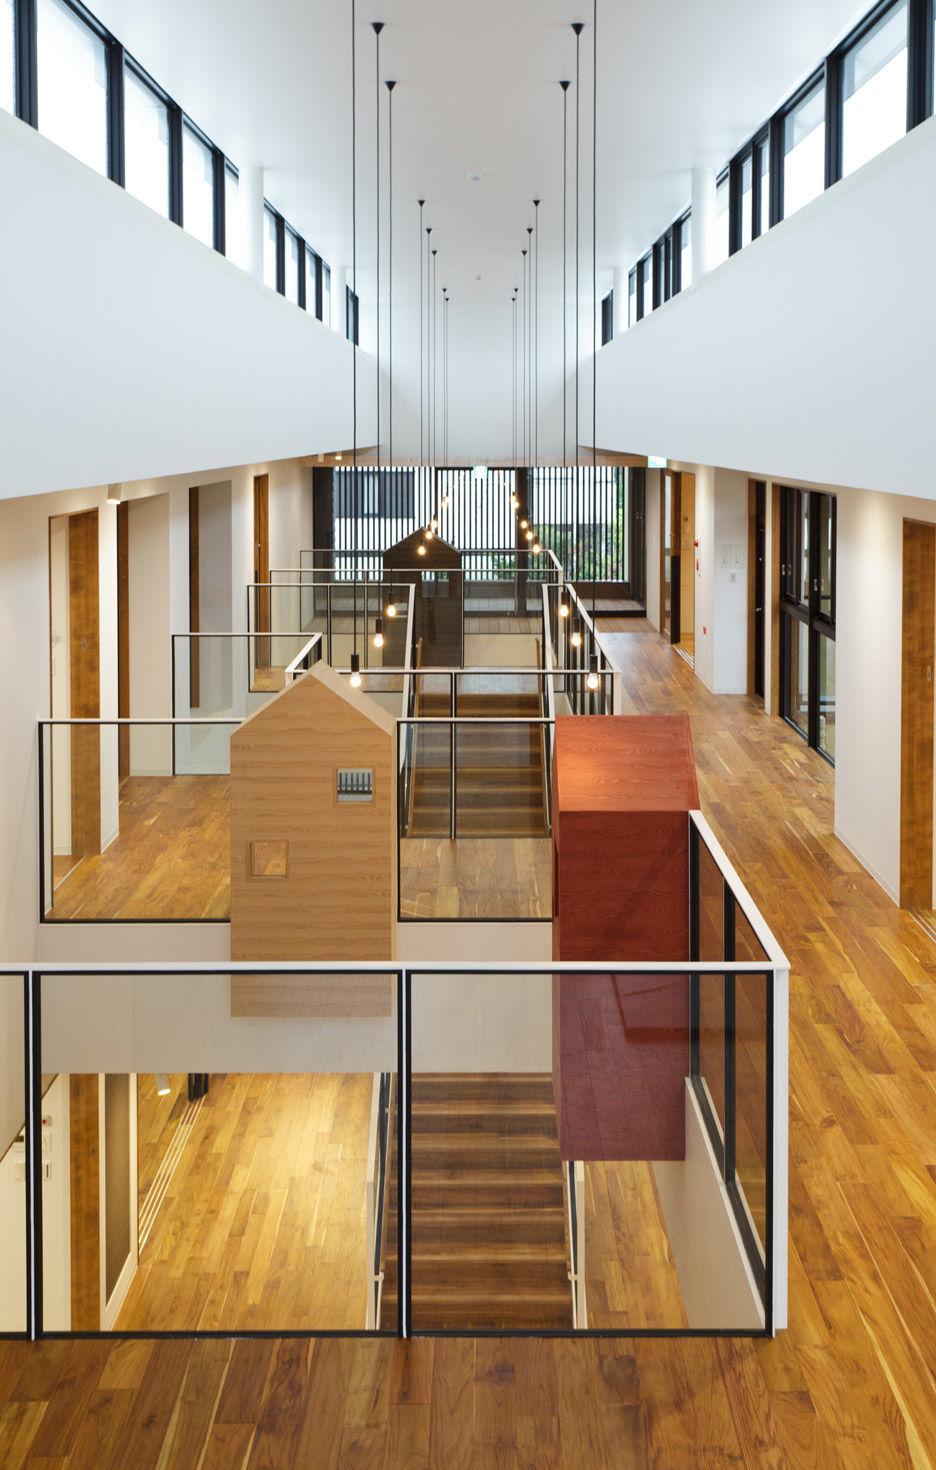 问答平台 建筑 方案设计 文化体育 > 【幼儿园】日本有个可以捉迷藏的